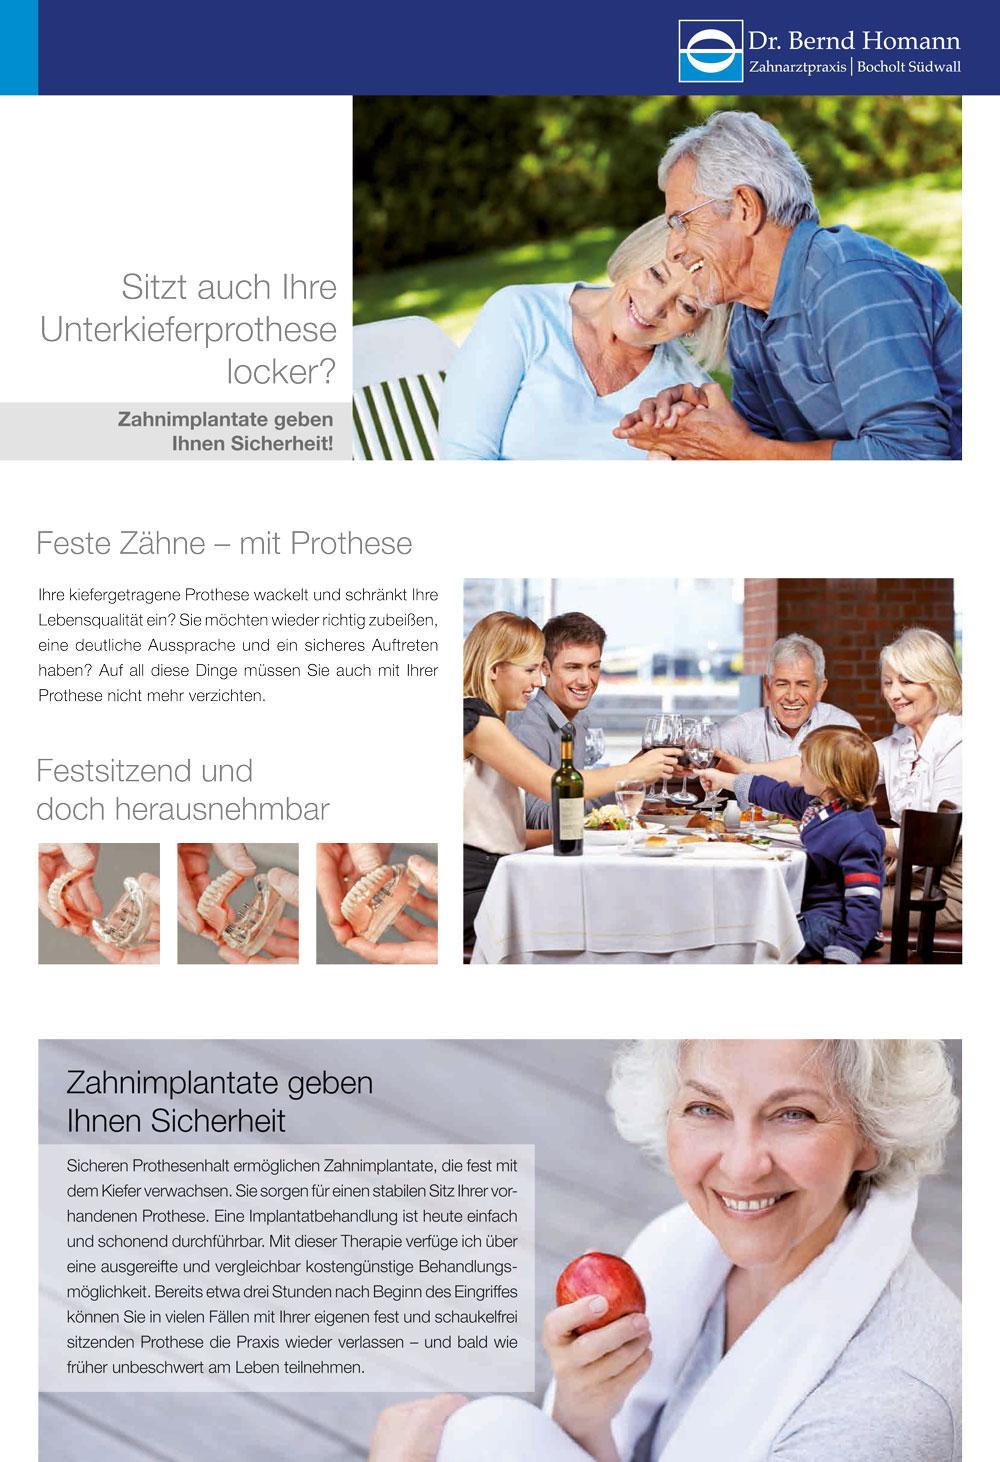 Zahnarzt Dr. Homann Bocholt - Flyer Zahnimplantate